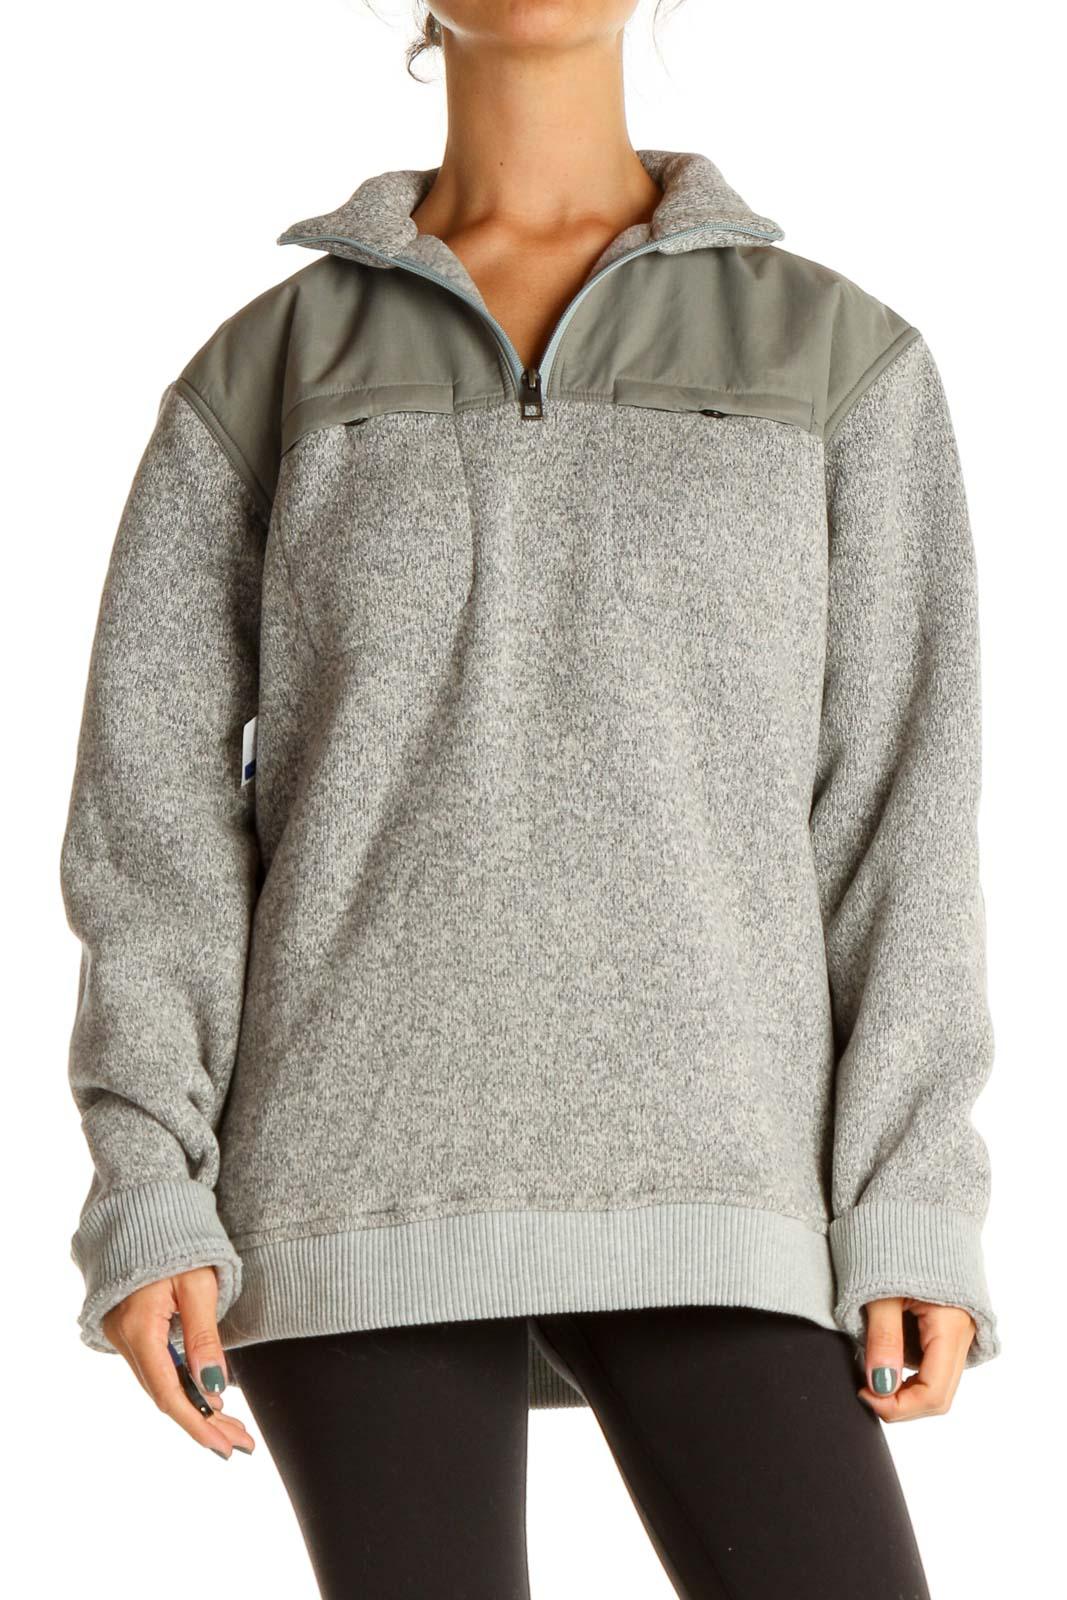 Gray Activewear Sweatshirt Front